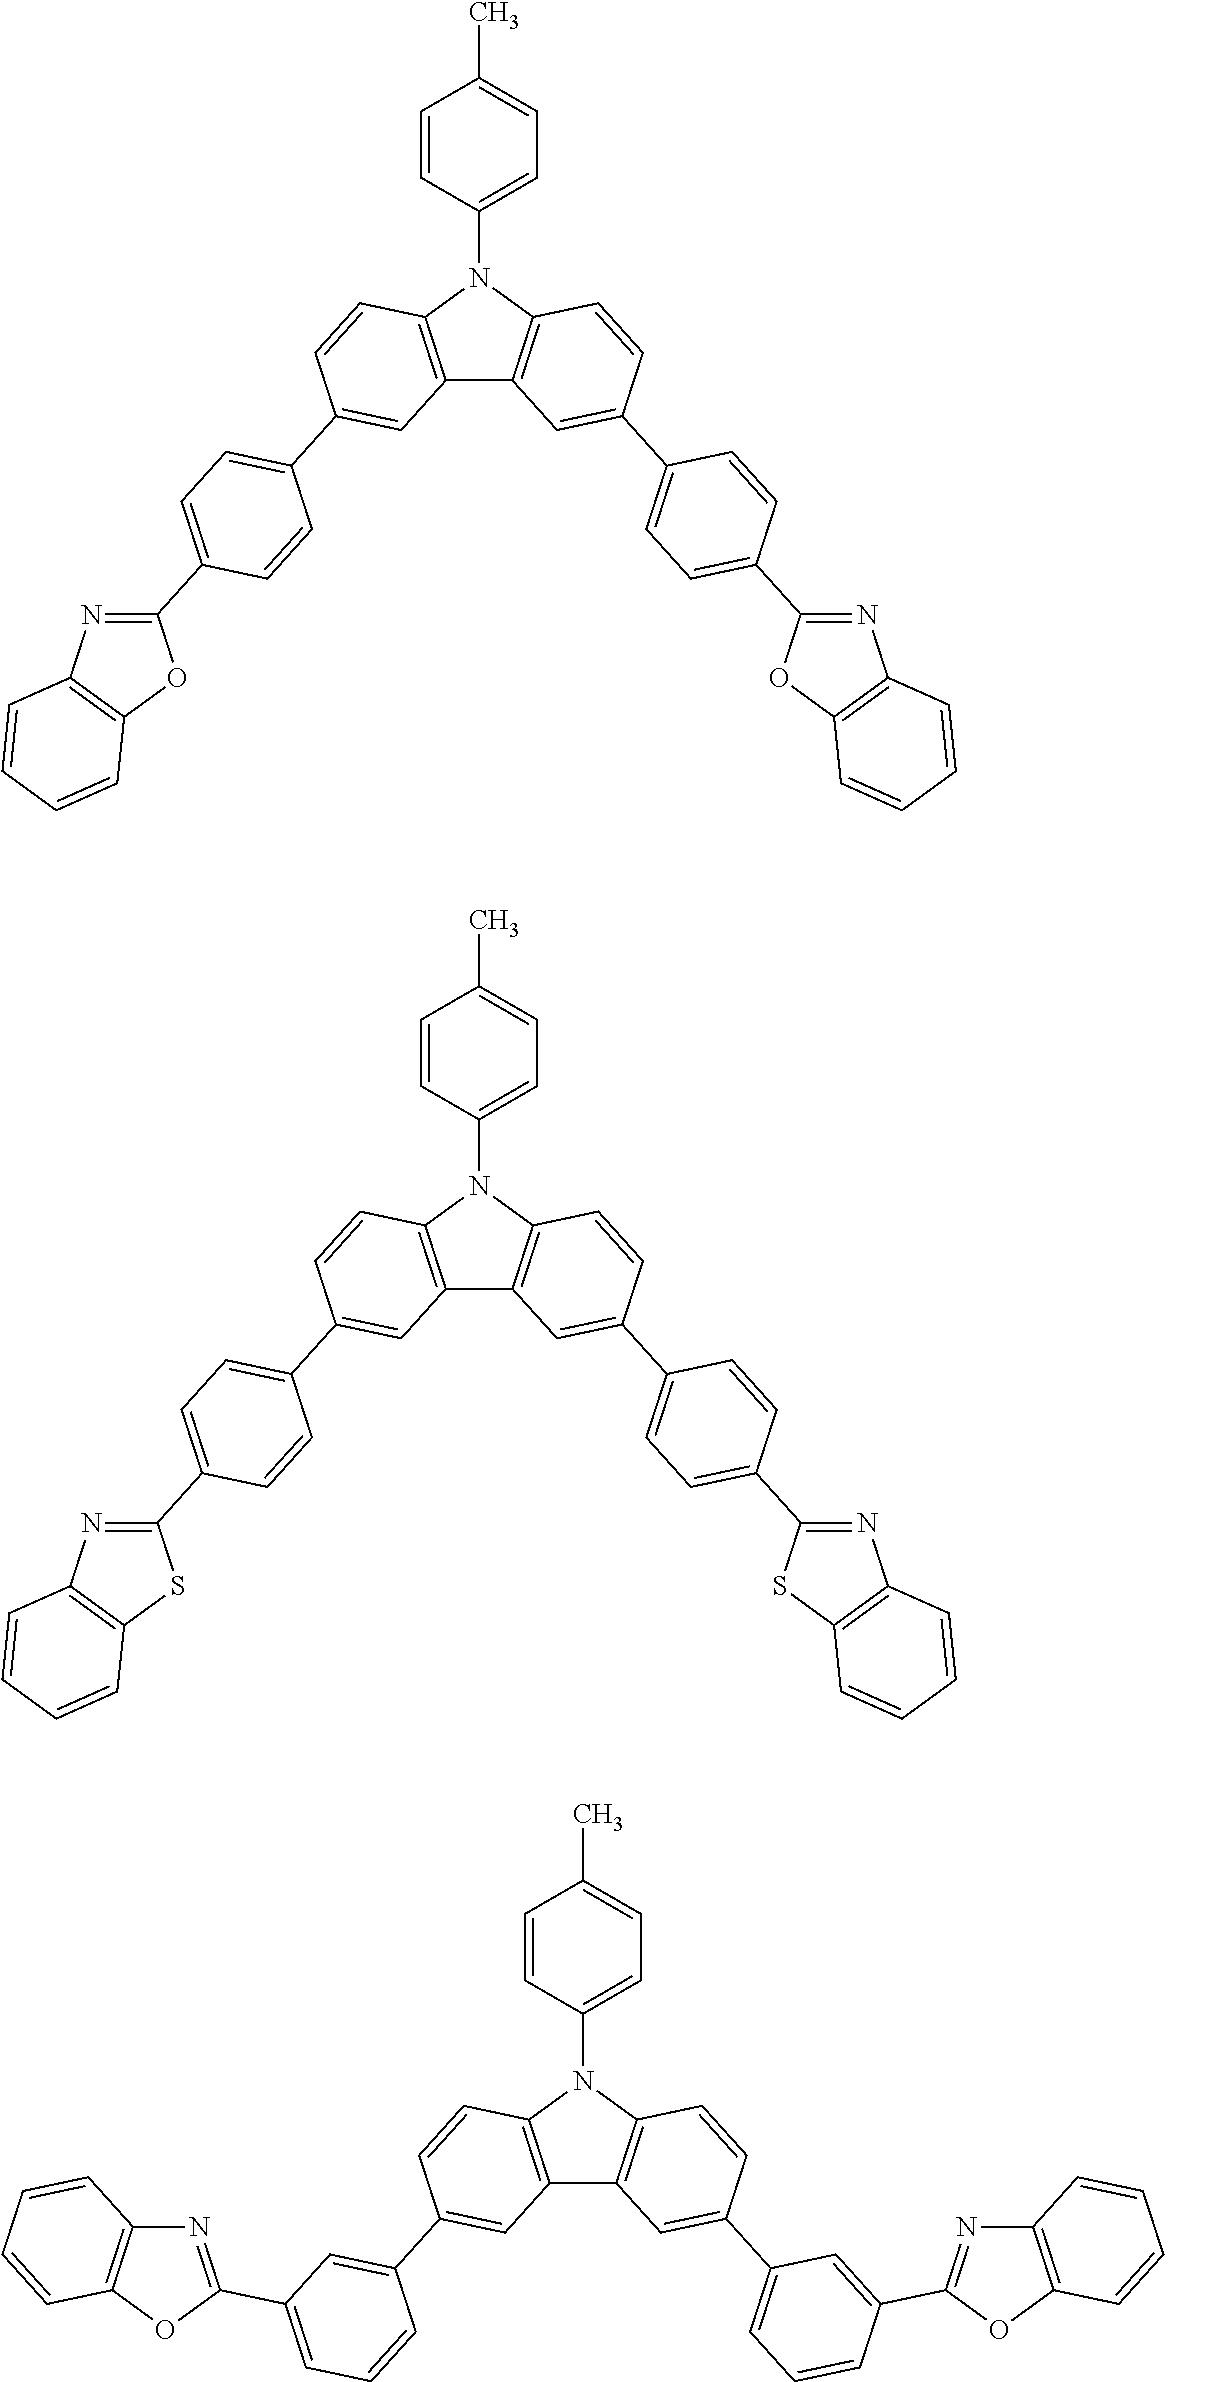 Figure US09853220-20171226-C00003